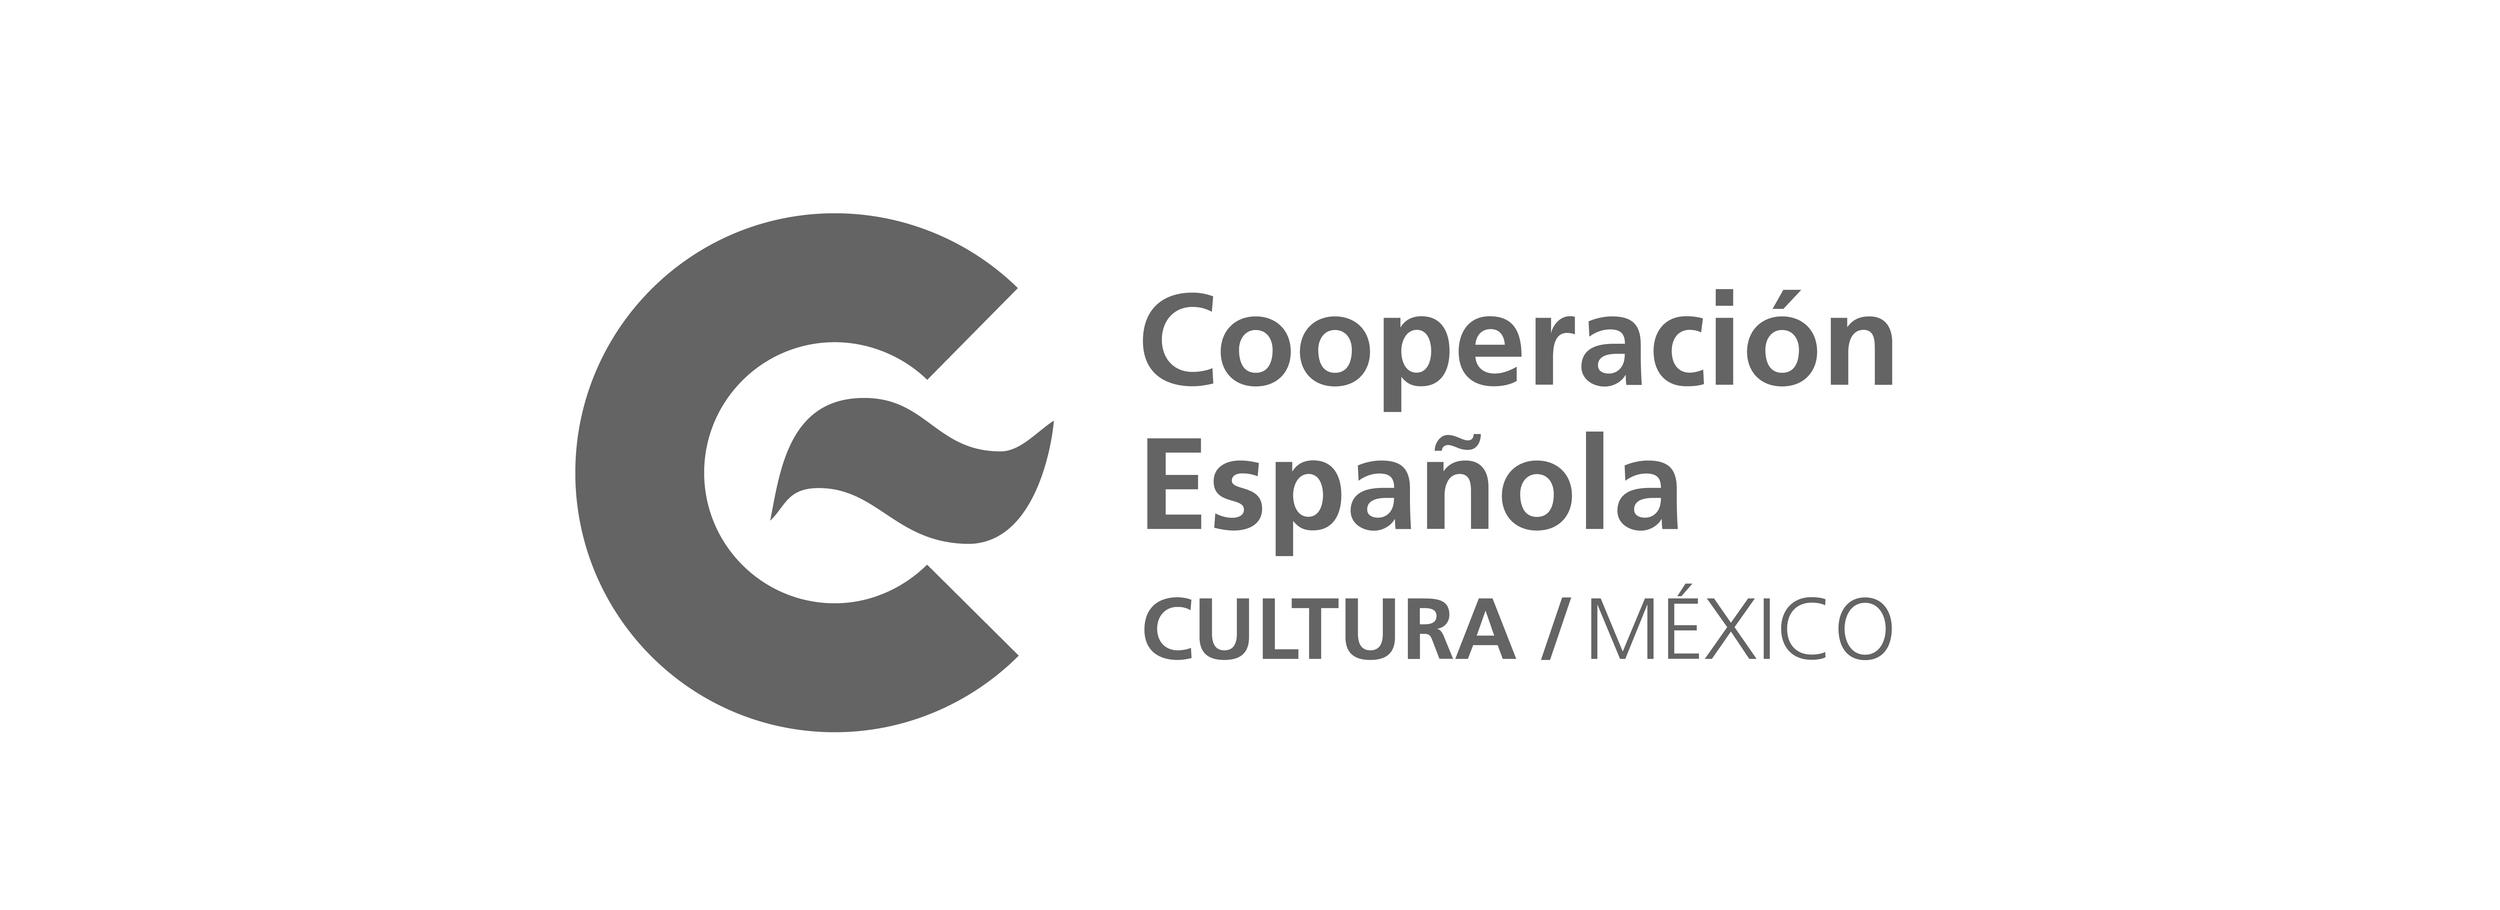 cc-espania.png